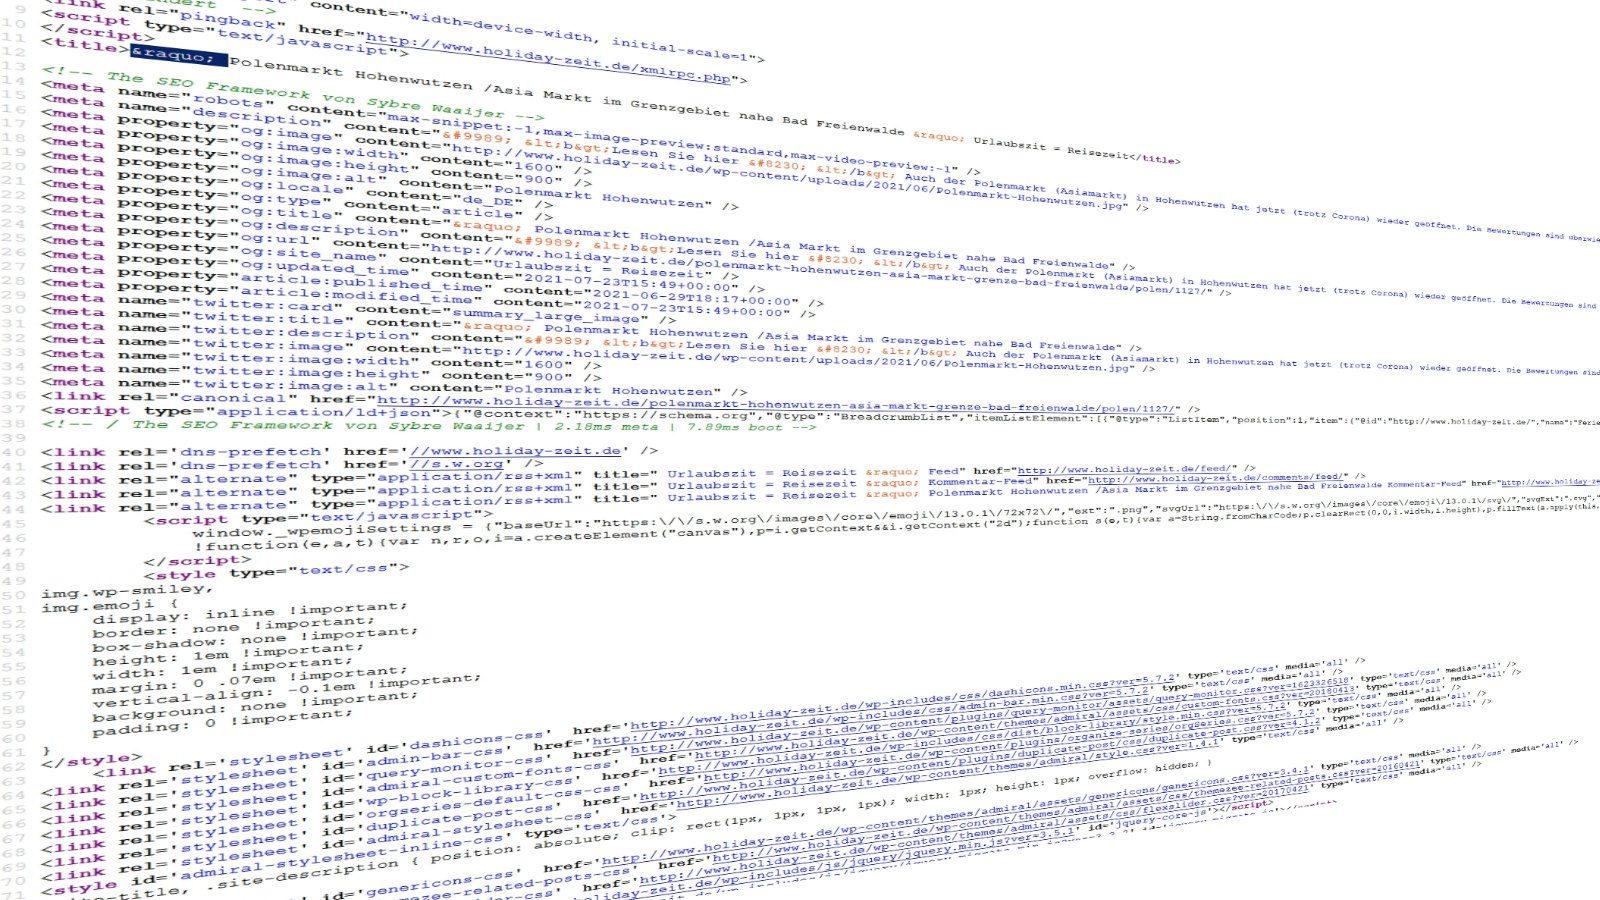 Quellcode, Quelltext einer Website